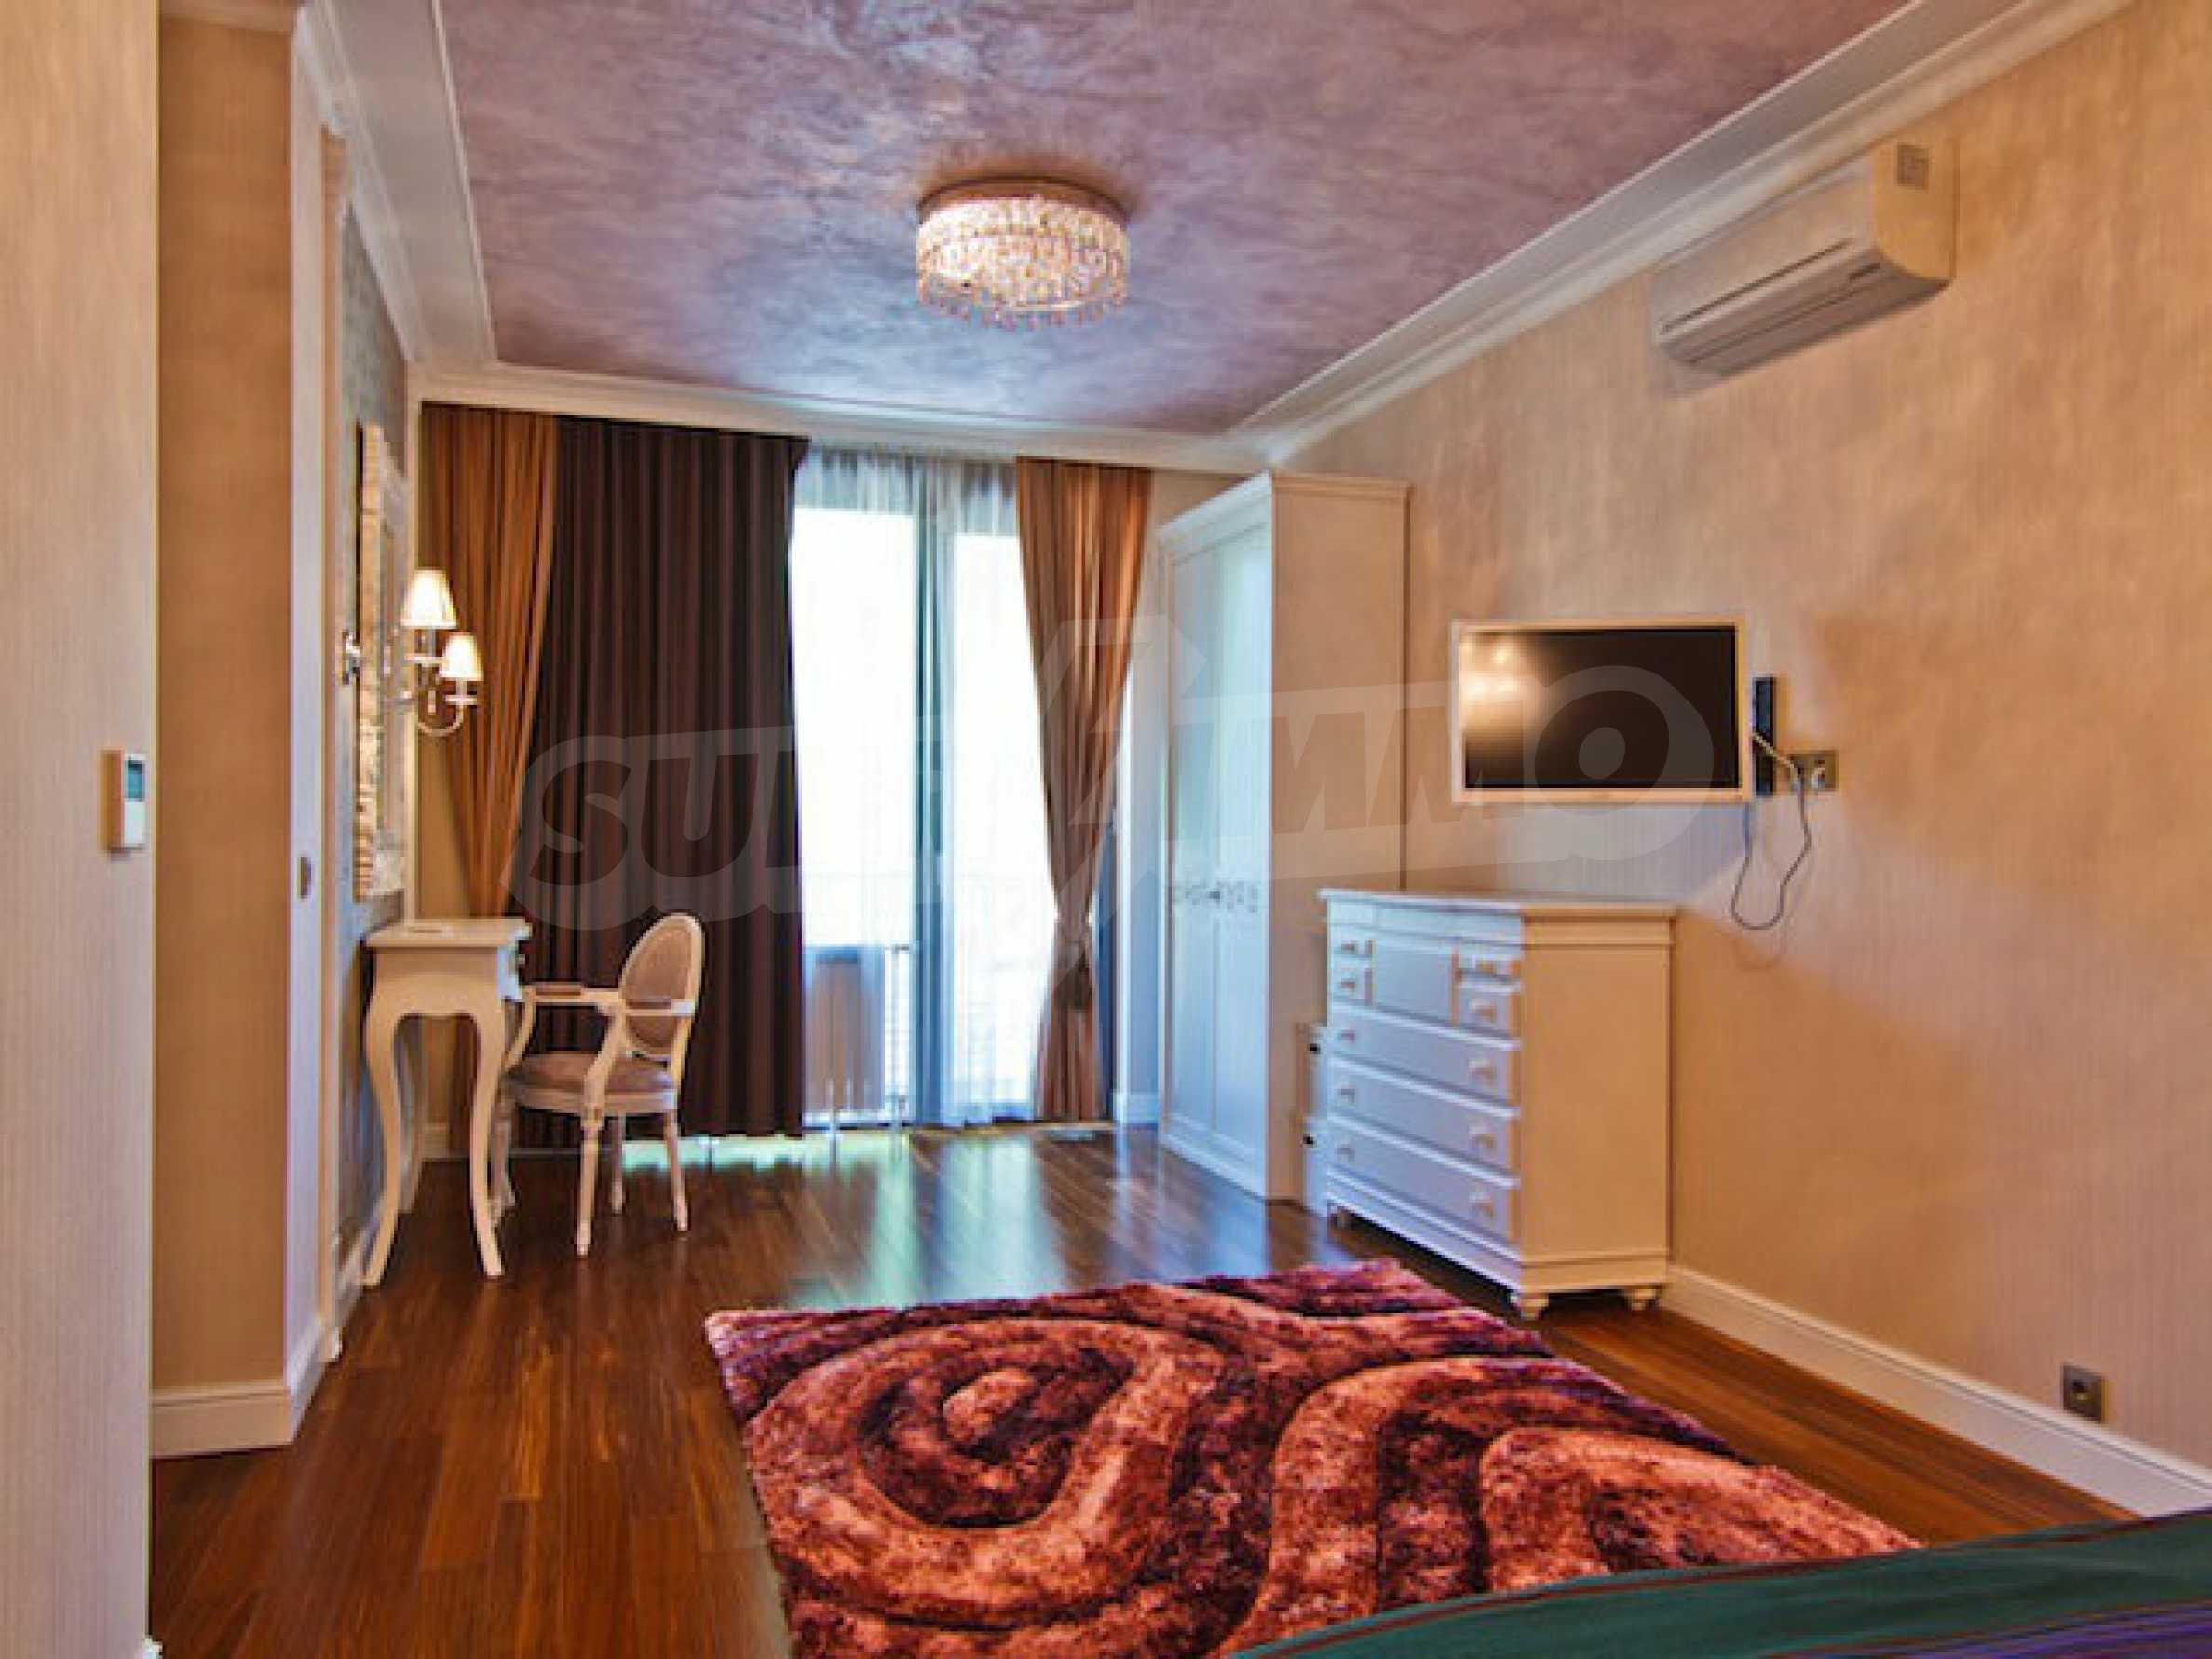 Luxuriös eingerichtetes Apartment mit einem Schlafzimmer 21